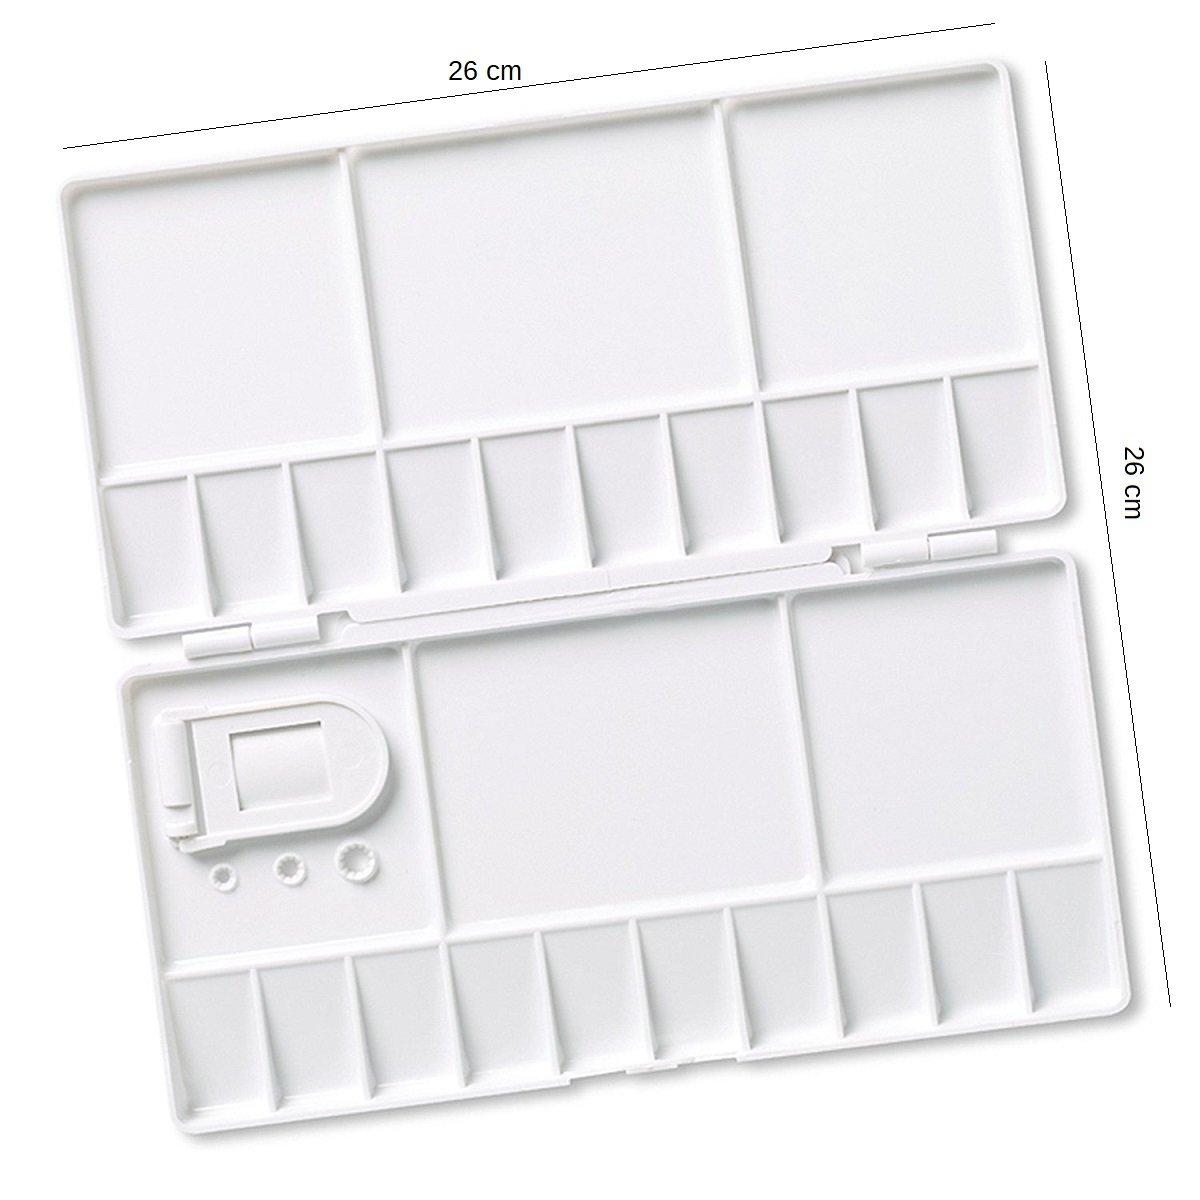 Watercolor Palette Folding palette Large Paint Tray Plastic Painting Pallete with 25 Mixed Fields 26 cm x 2 cm x 13 cm